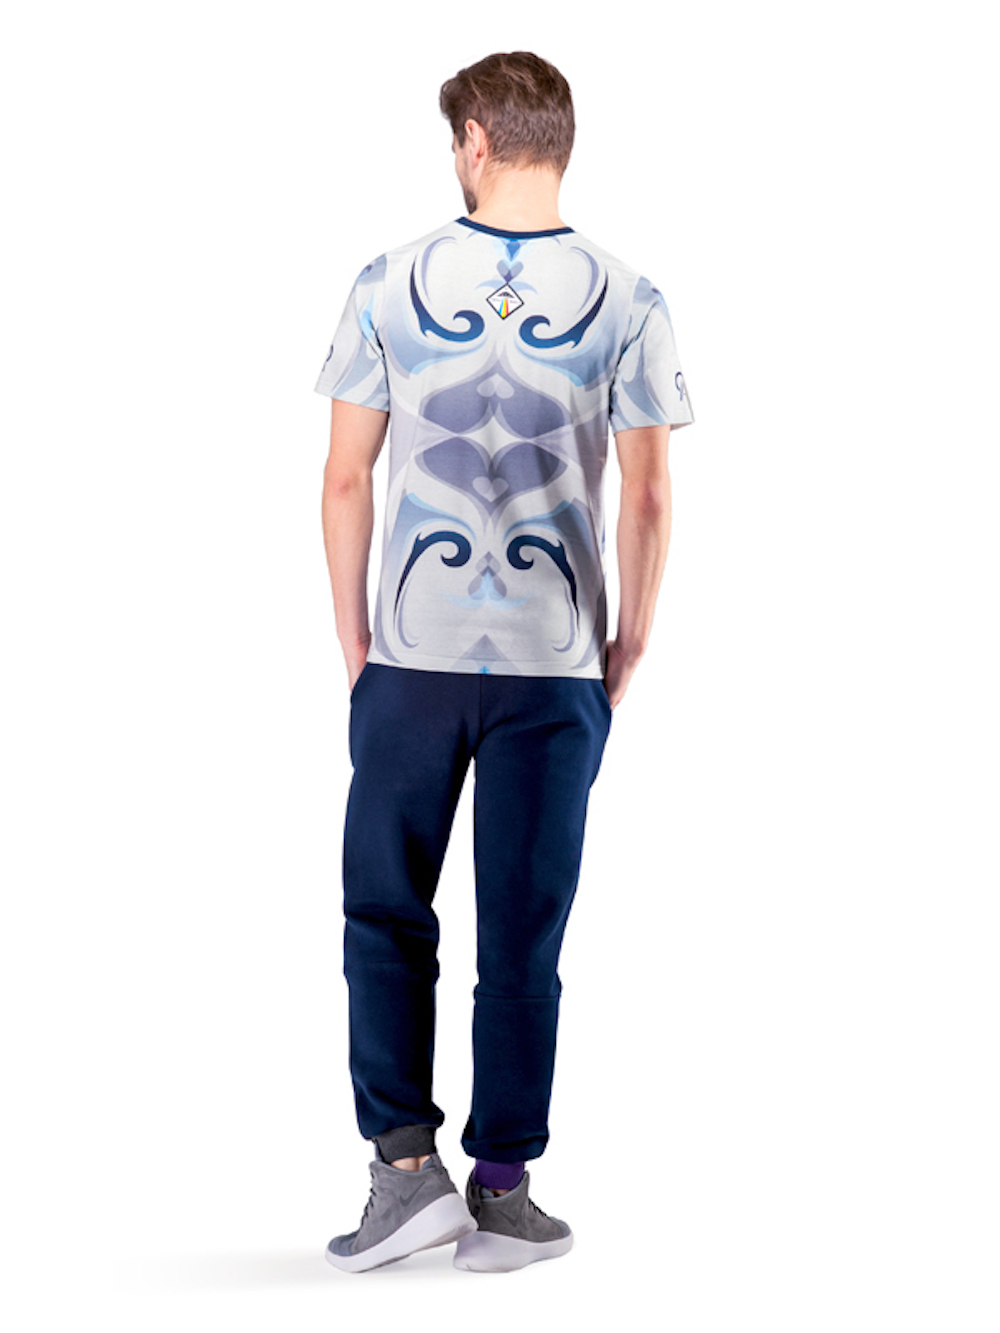 Carabus T-shirt (Grey) - Okuaku